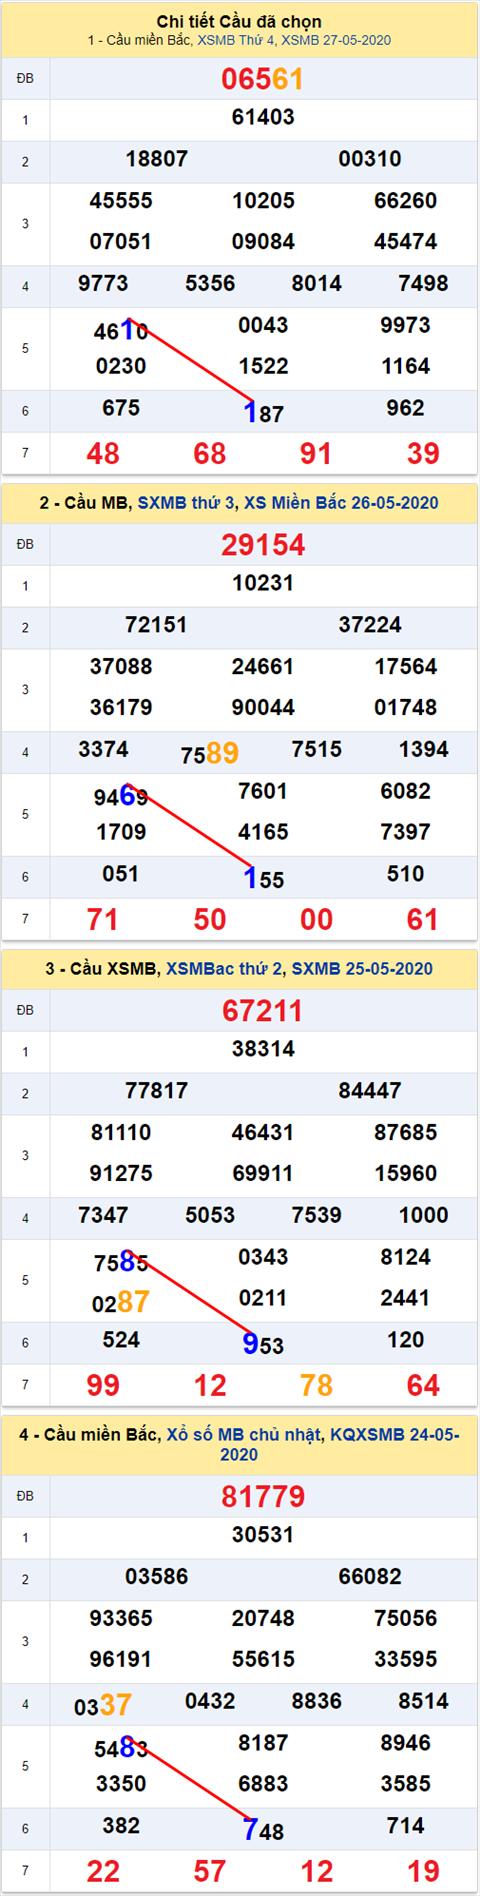 Lo kep XSMB 28052020 - Phan tich so kep Mien Bac 28-5 thu 5 hinh anh